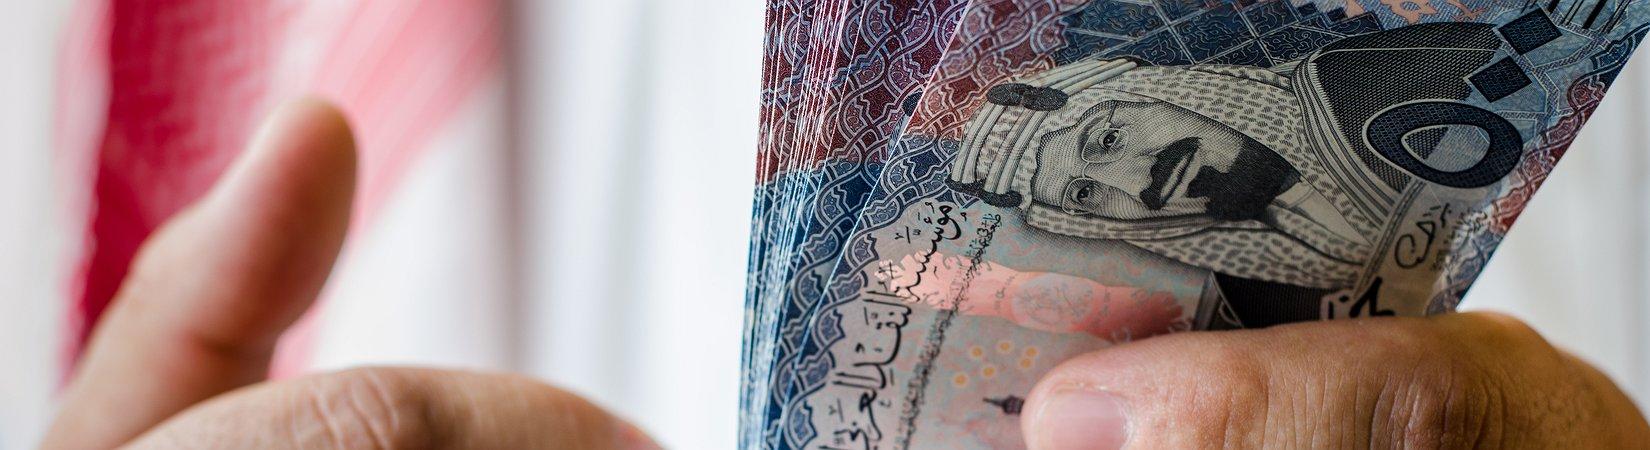 Lotta alla corruzione: le autorità saudite confiscano 800 miliardi di dollari